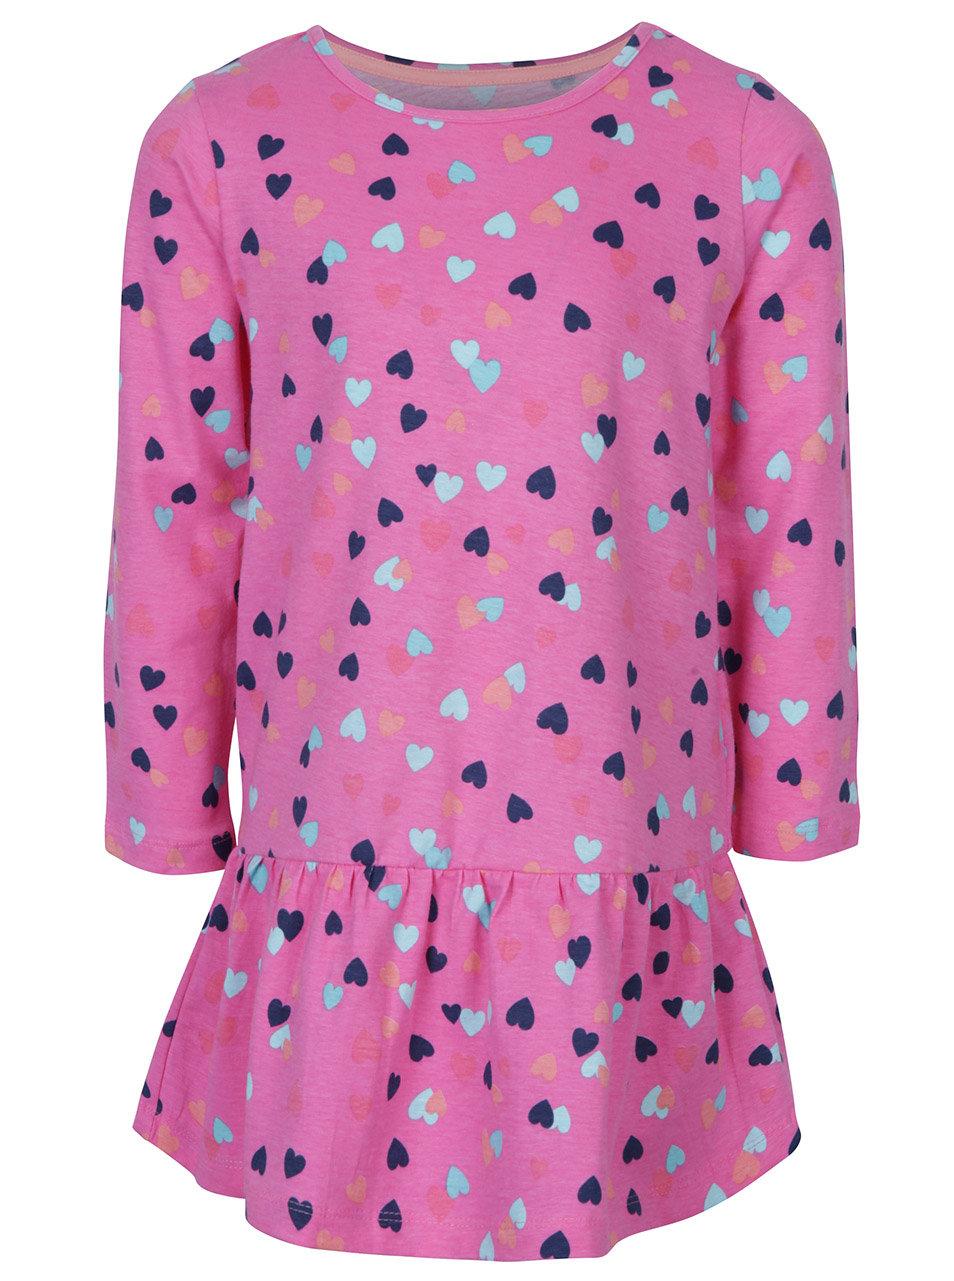 01b0e3731b93 Ružové dievčenské šaty s volánom a potlačou srdiečok 5.10.15.